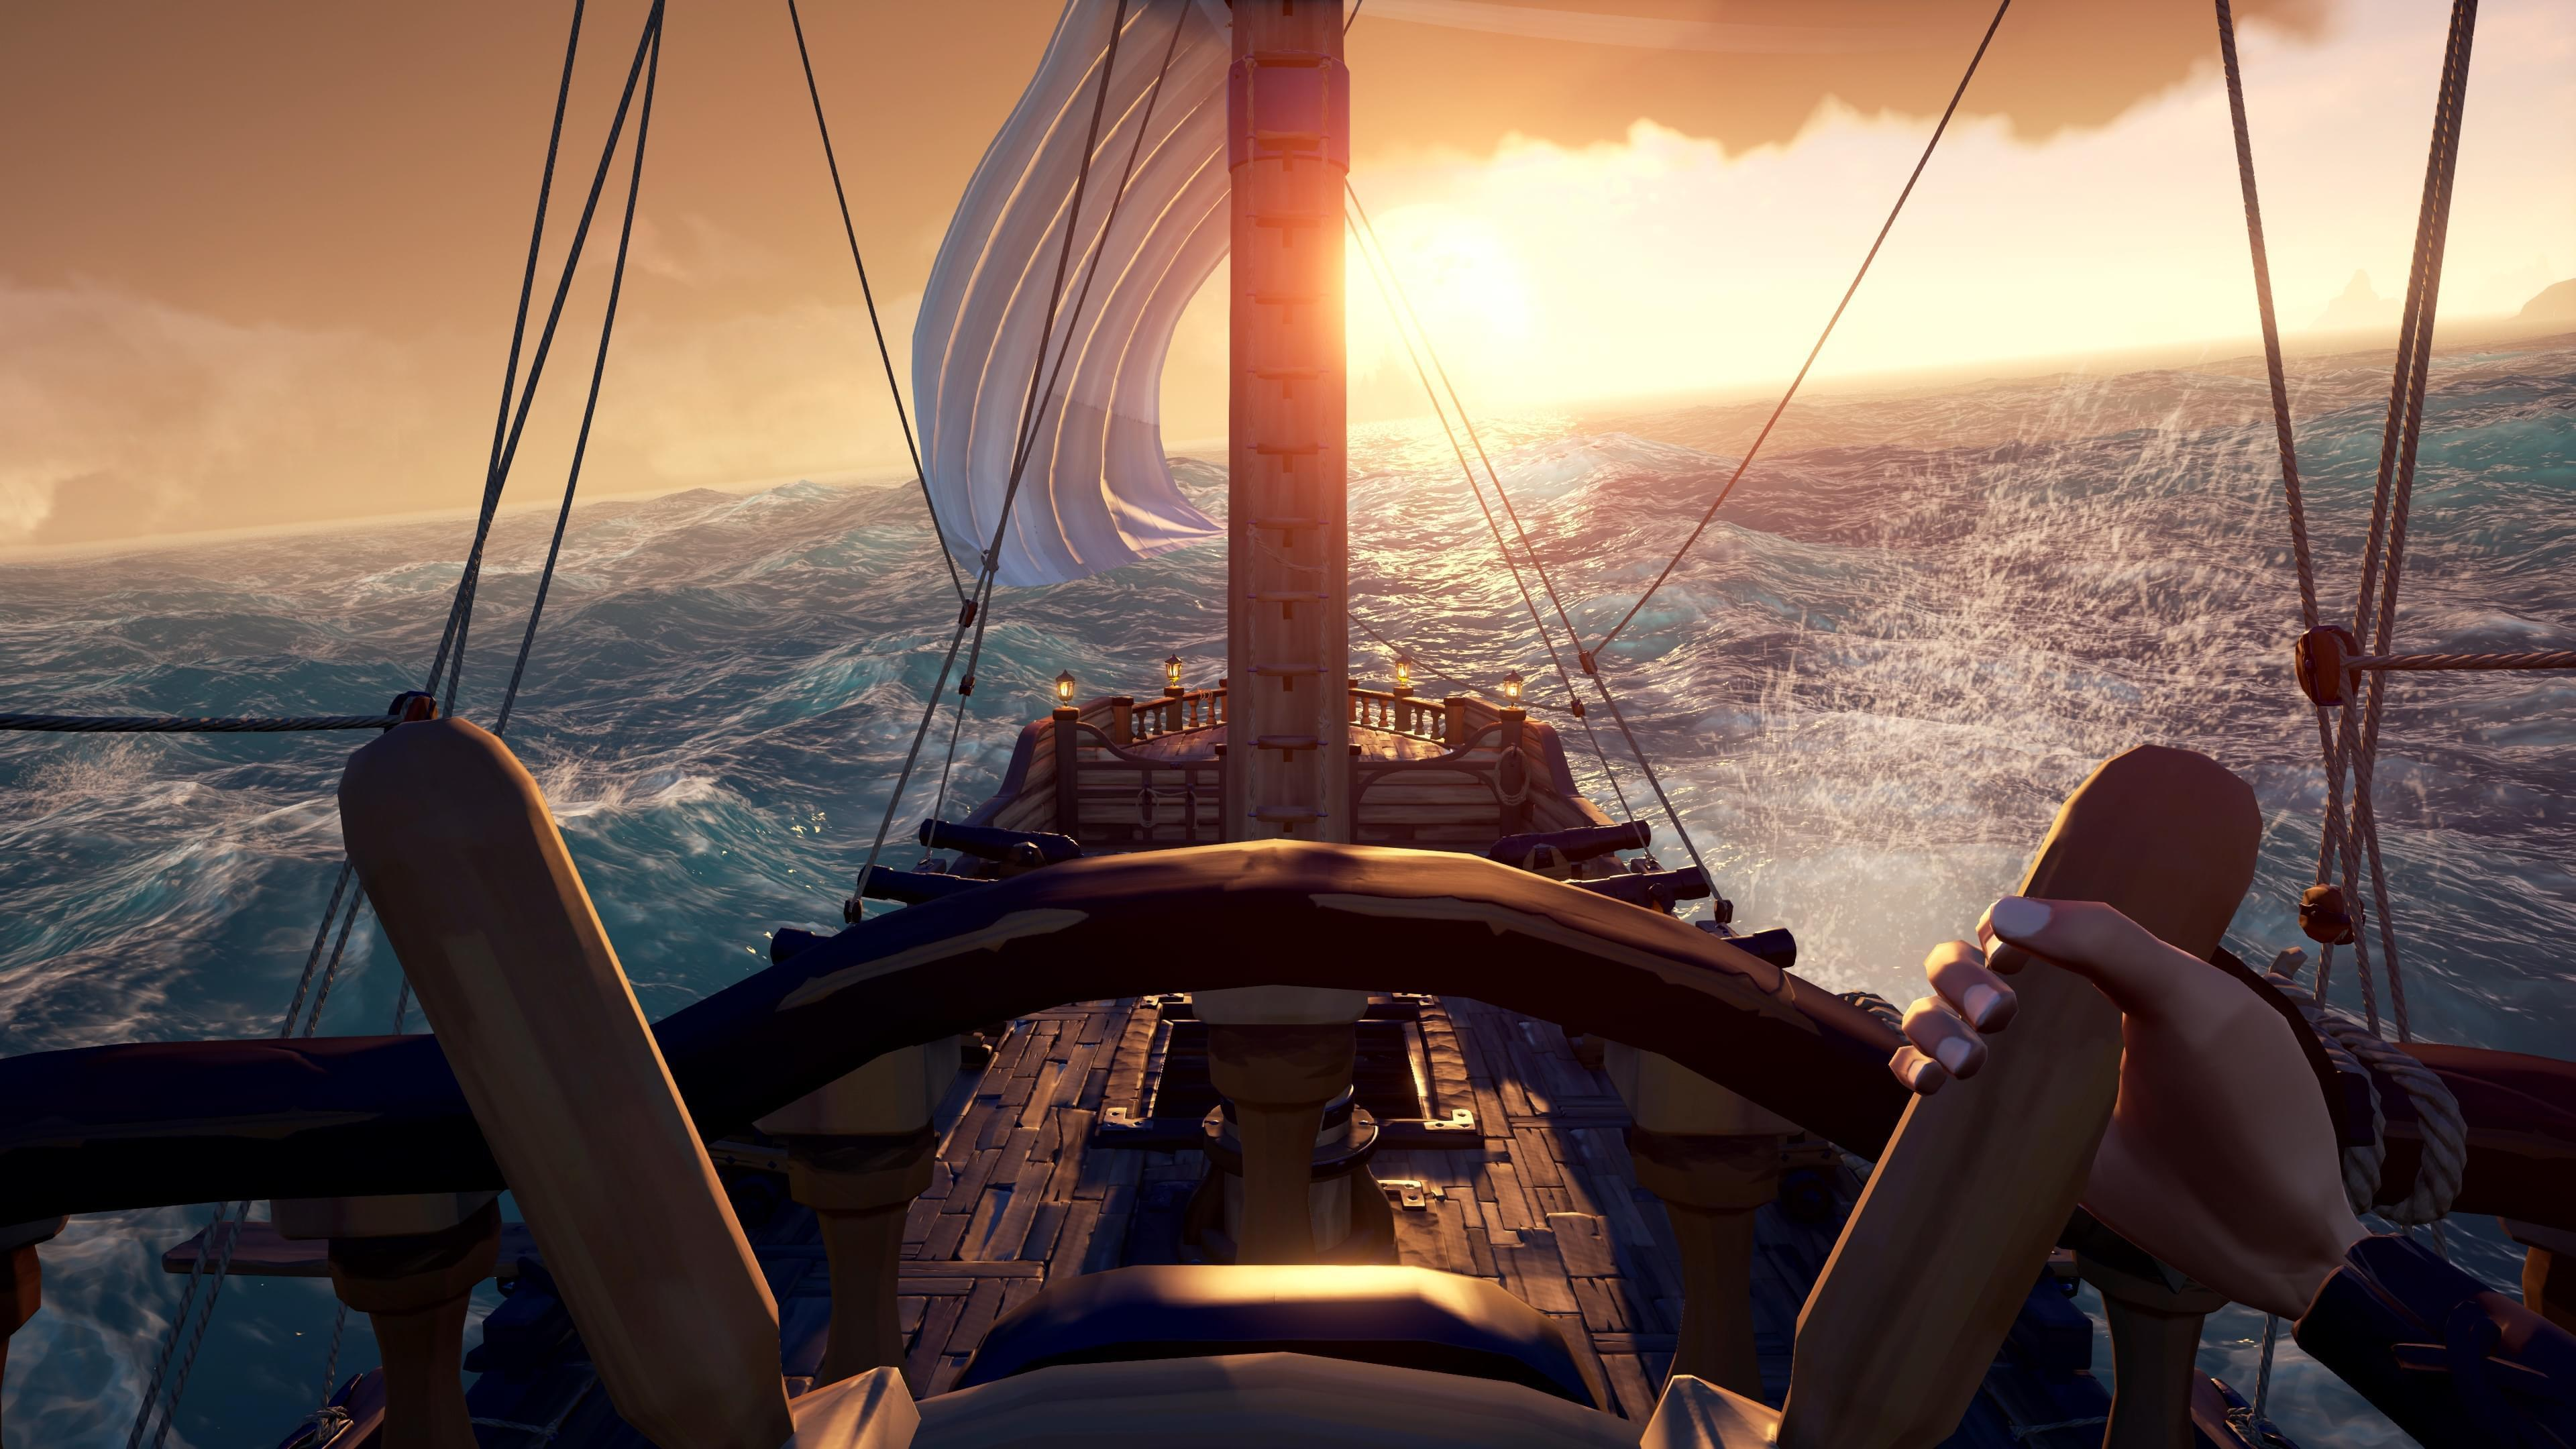 微软相助《绝地求生》将免费用贼海的水面技术